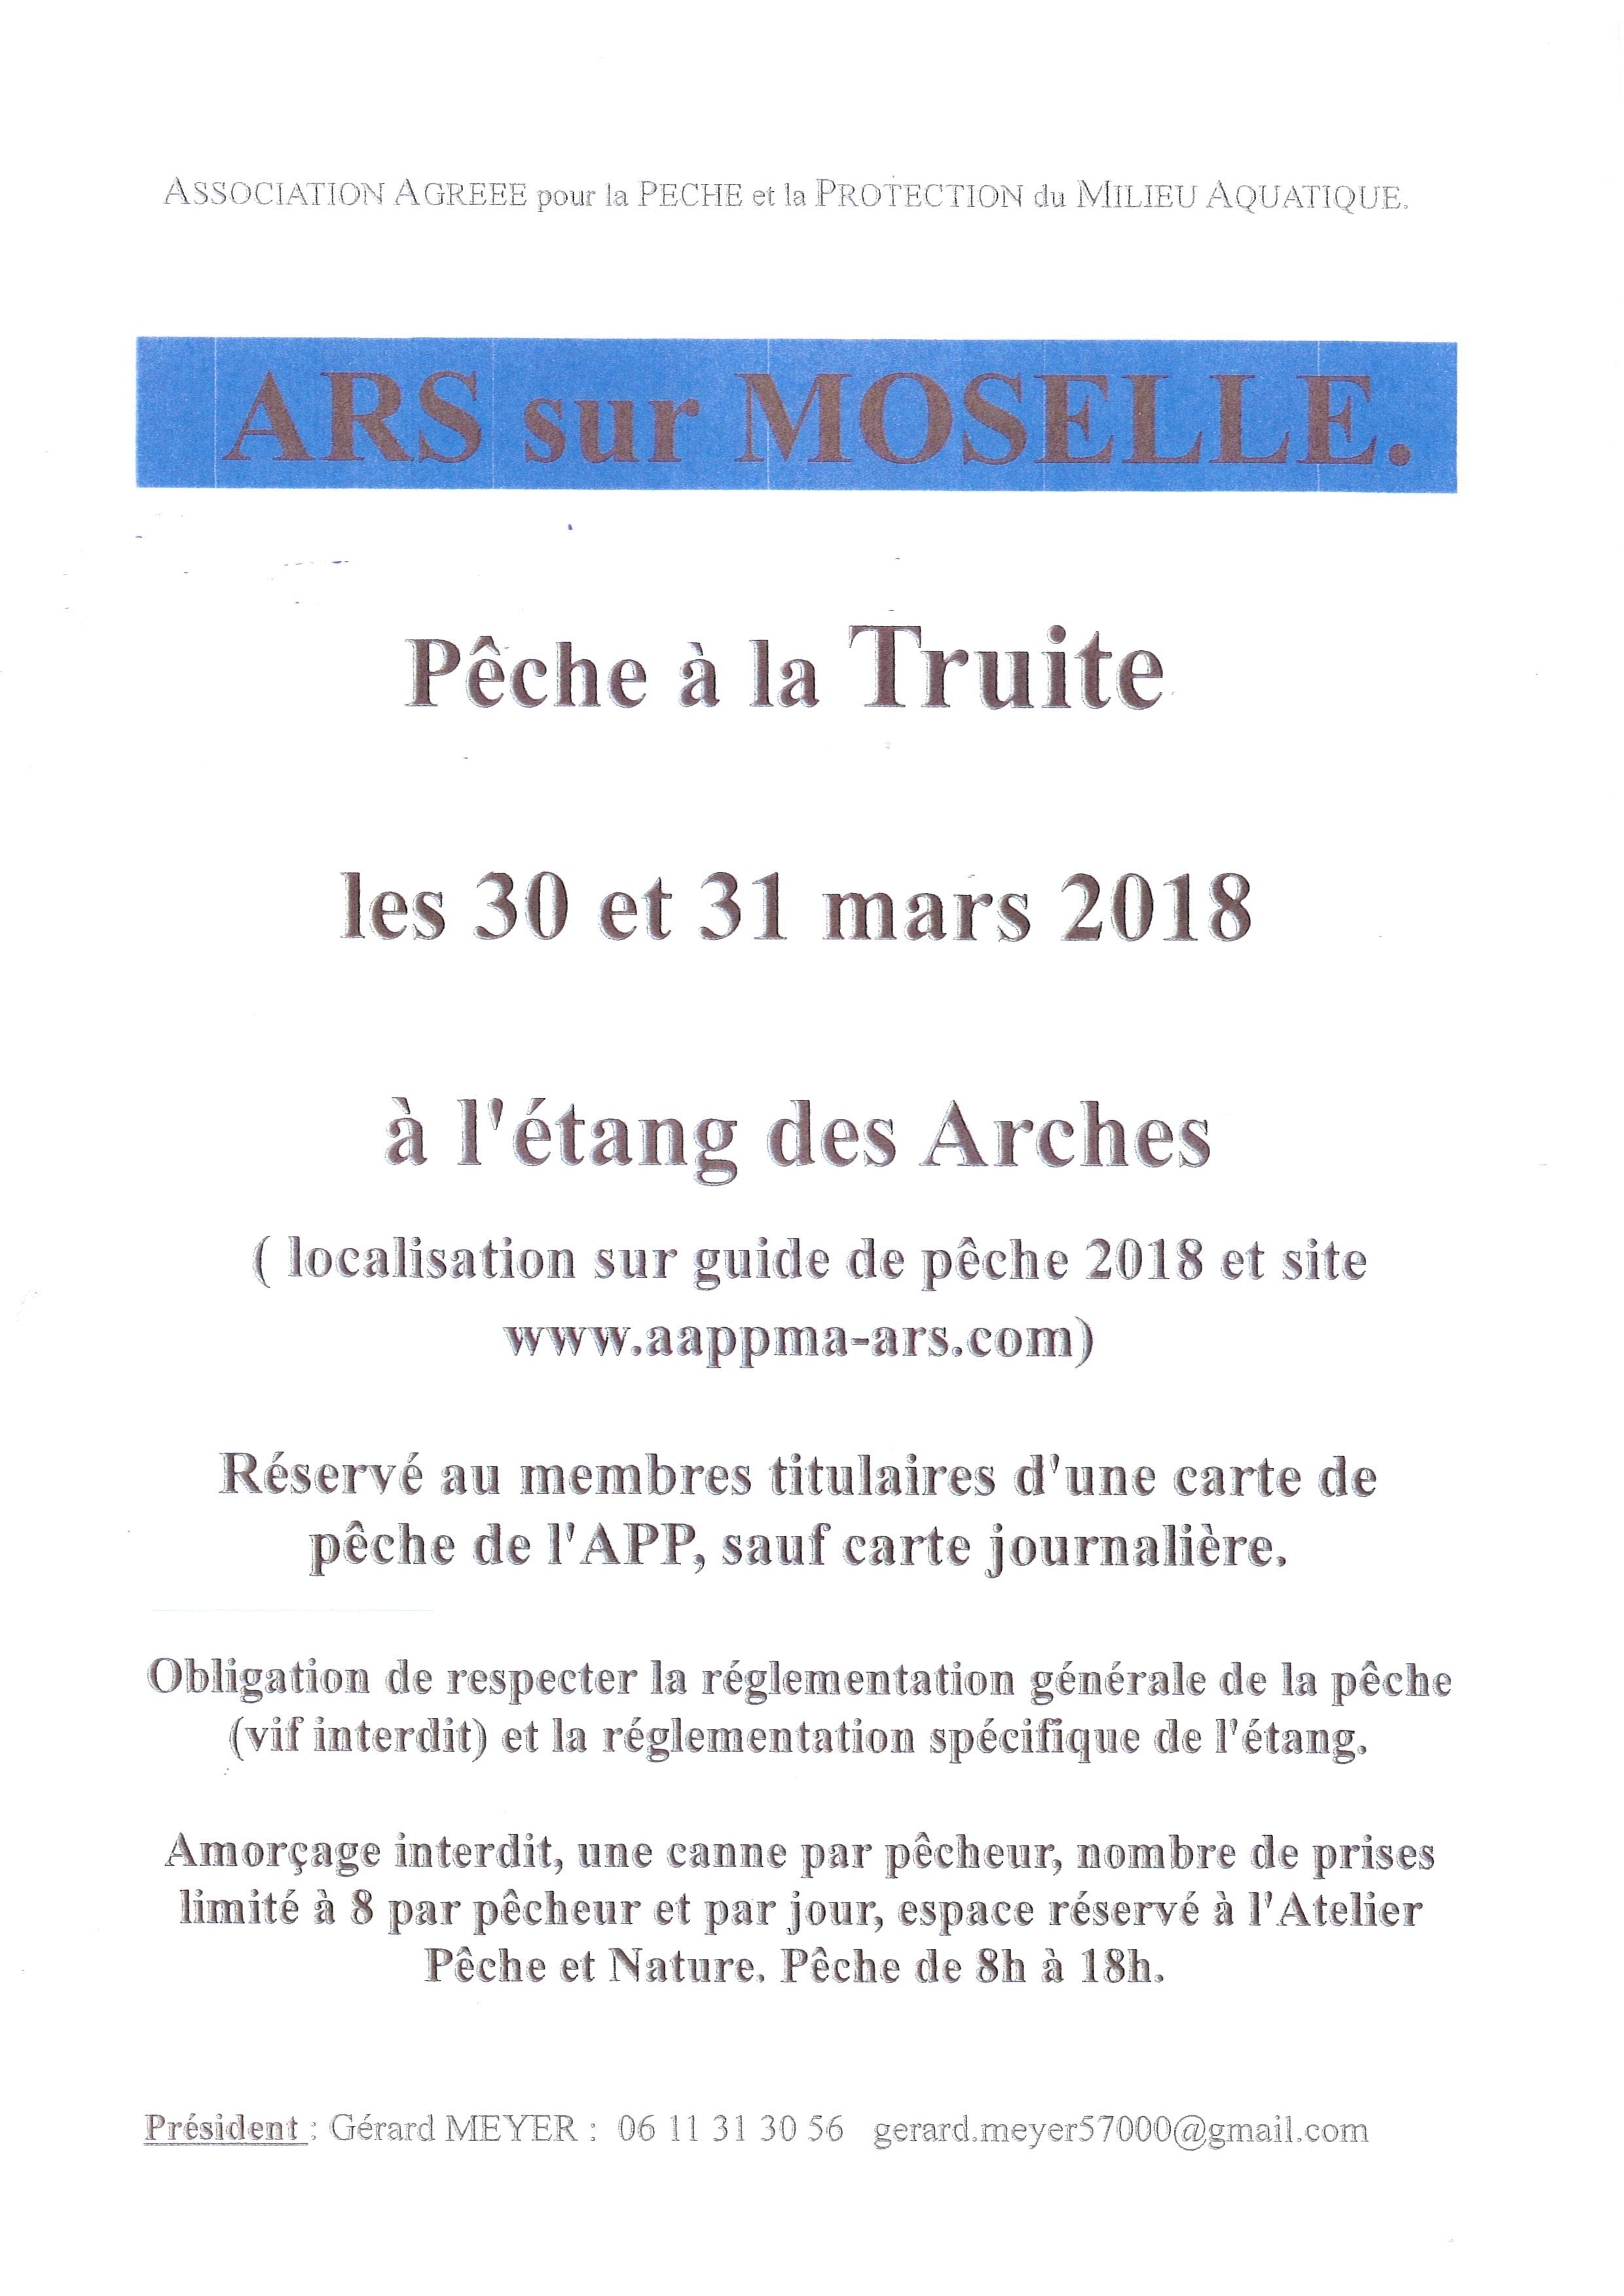 PECHE A LA TRUITE les 30 et 31 mars